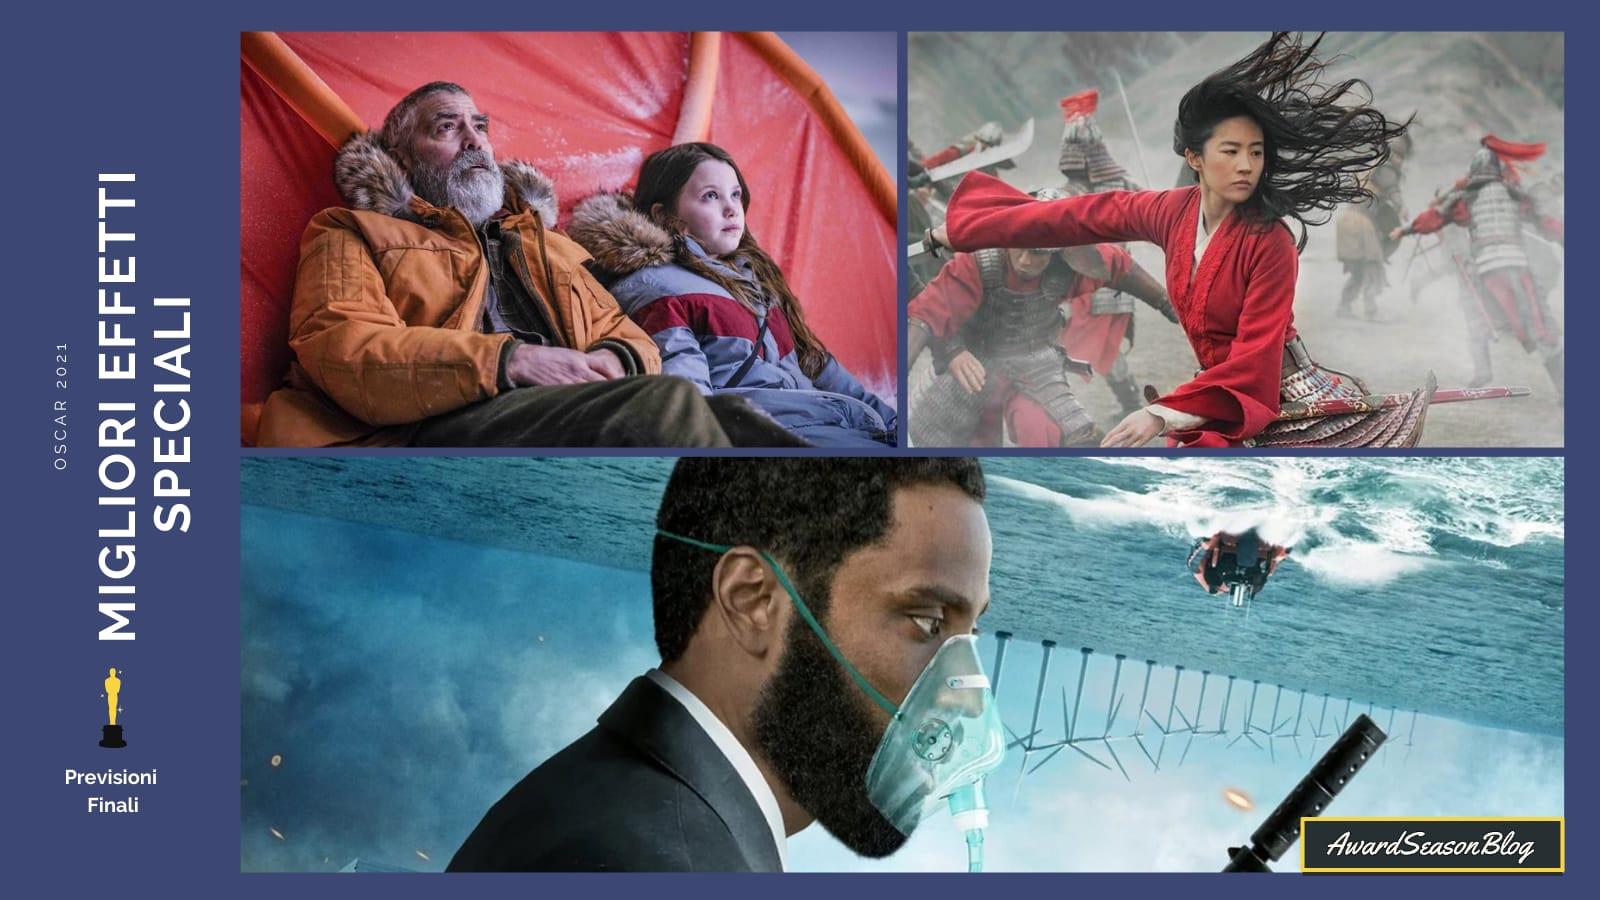 Previsioni Oscar 2021 Migliori Effetti Speciali